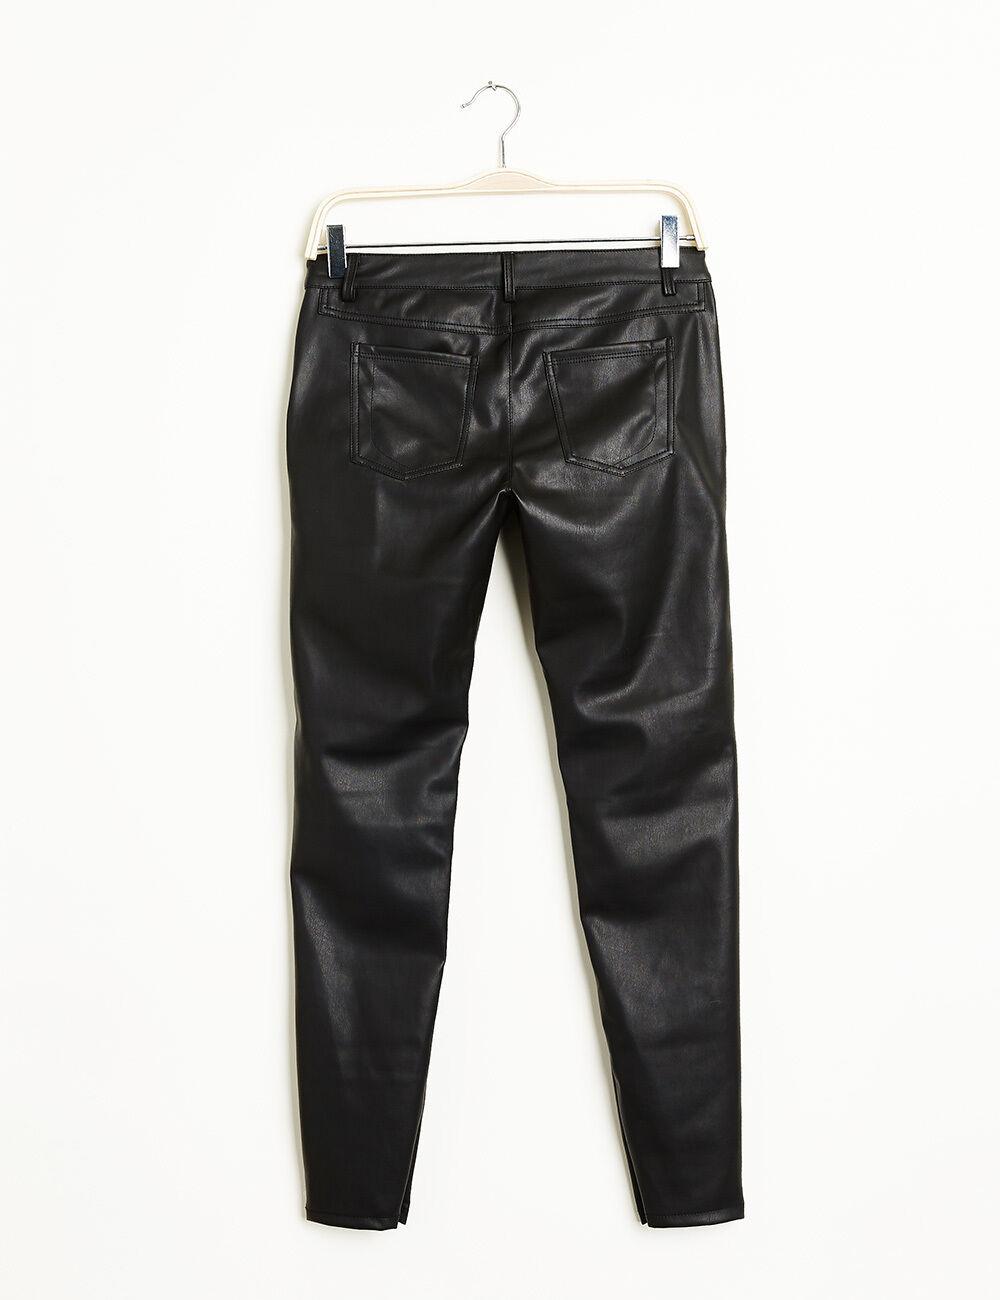 pantalon simili cuir noir femme jennyfer. Black Bedroom Furniture Sets. Home Design Ideas